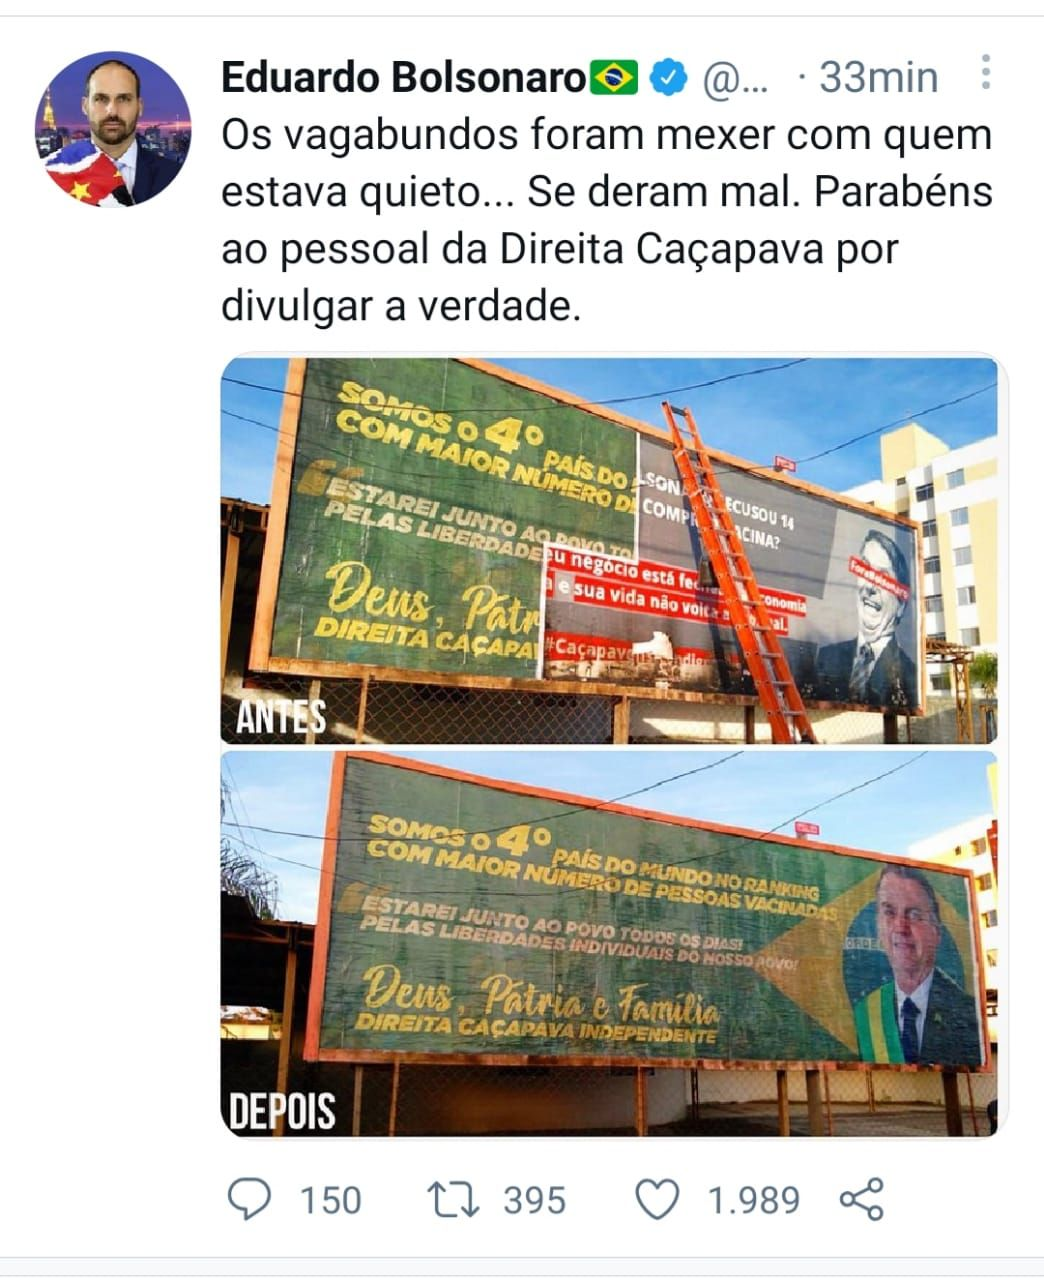 Eduardo Bolsonaro publica foto de outdoor instalado em Caçapava  em apoio ao seu pai, Jair Bolsonaro, e critica oposição.